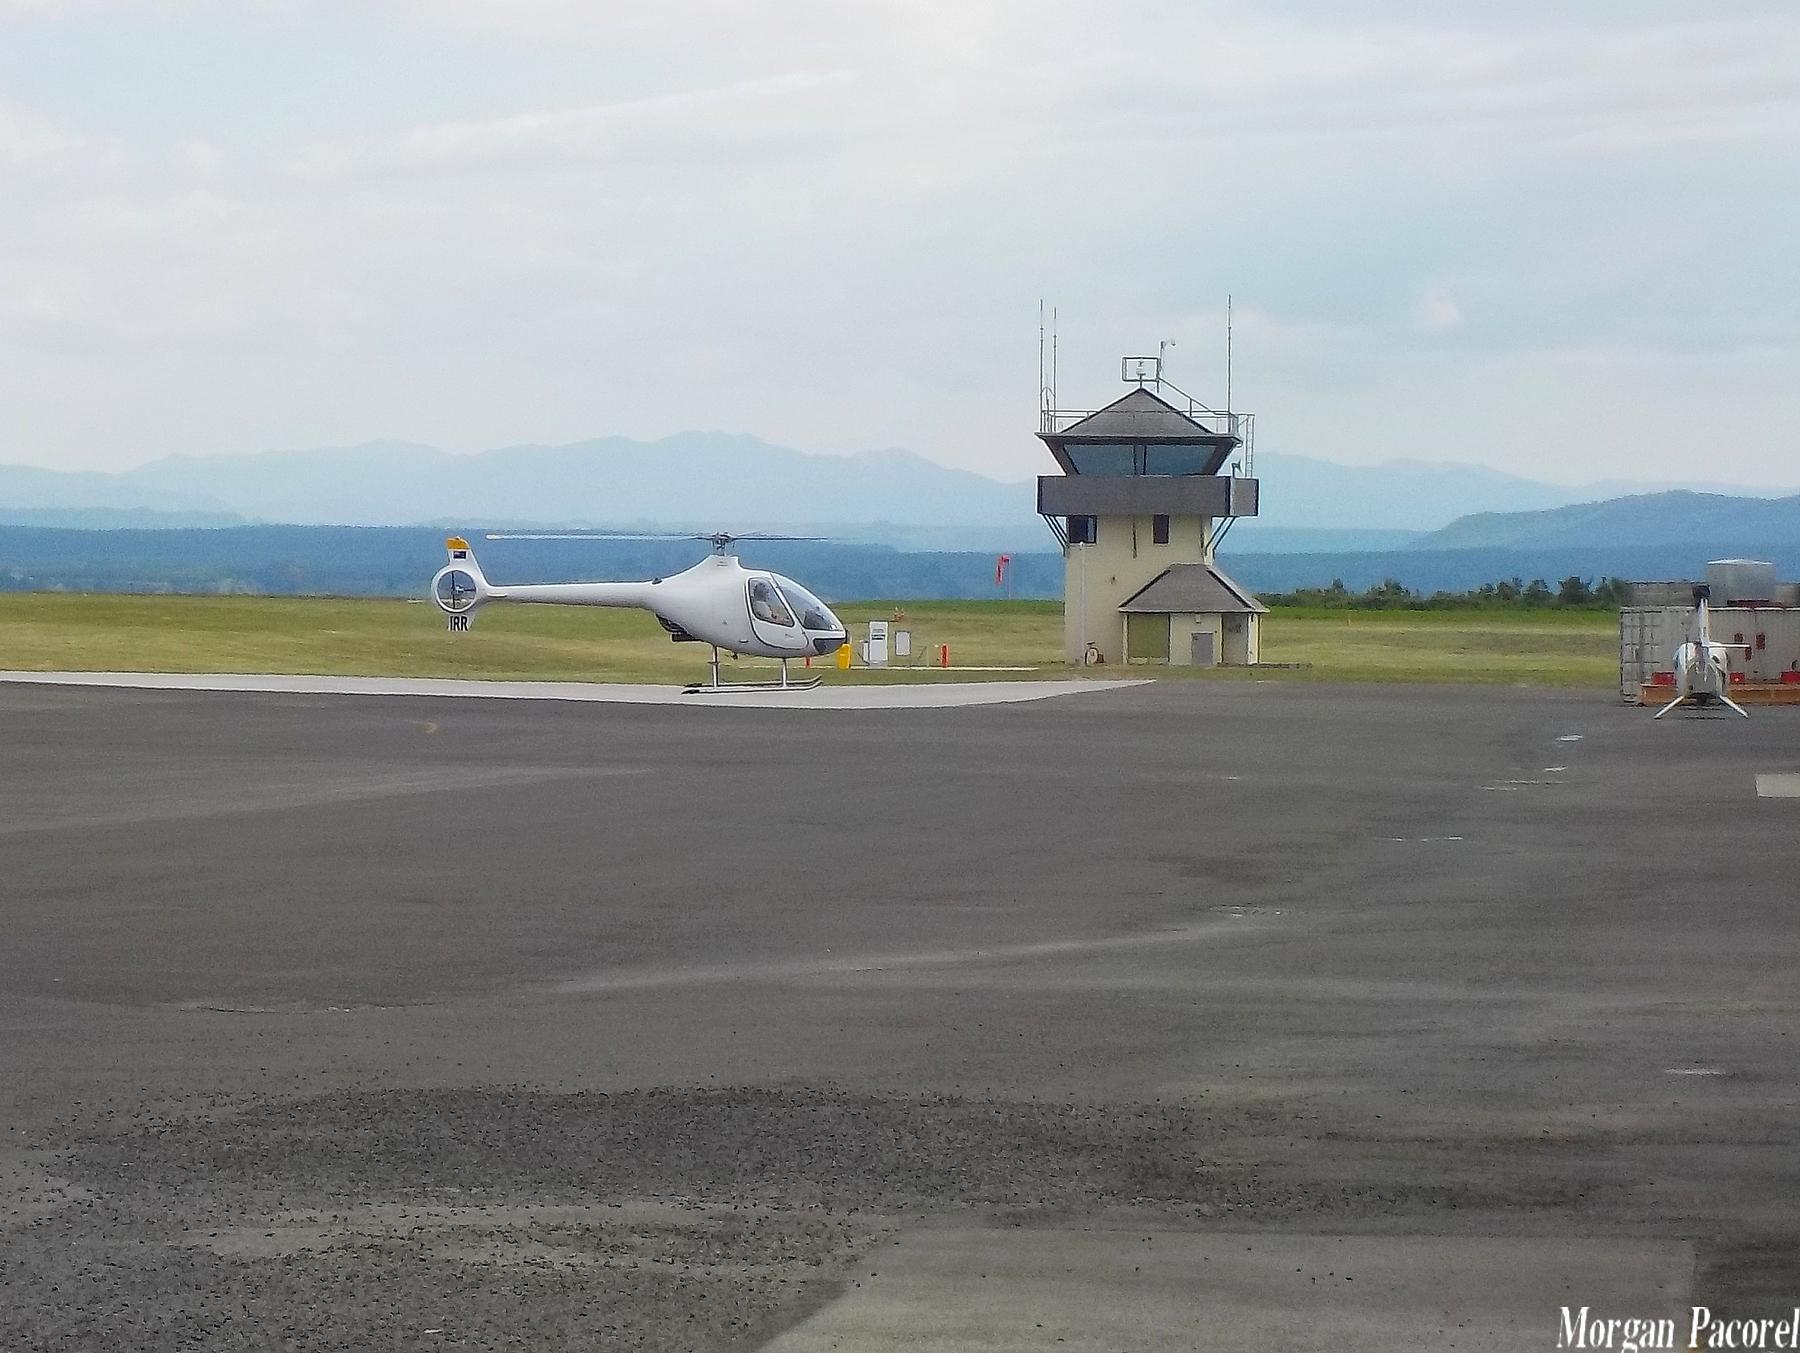 Nouvelle Zélande : spotting à Taupo et Wakatane 180103044721101135